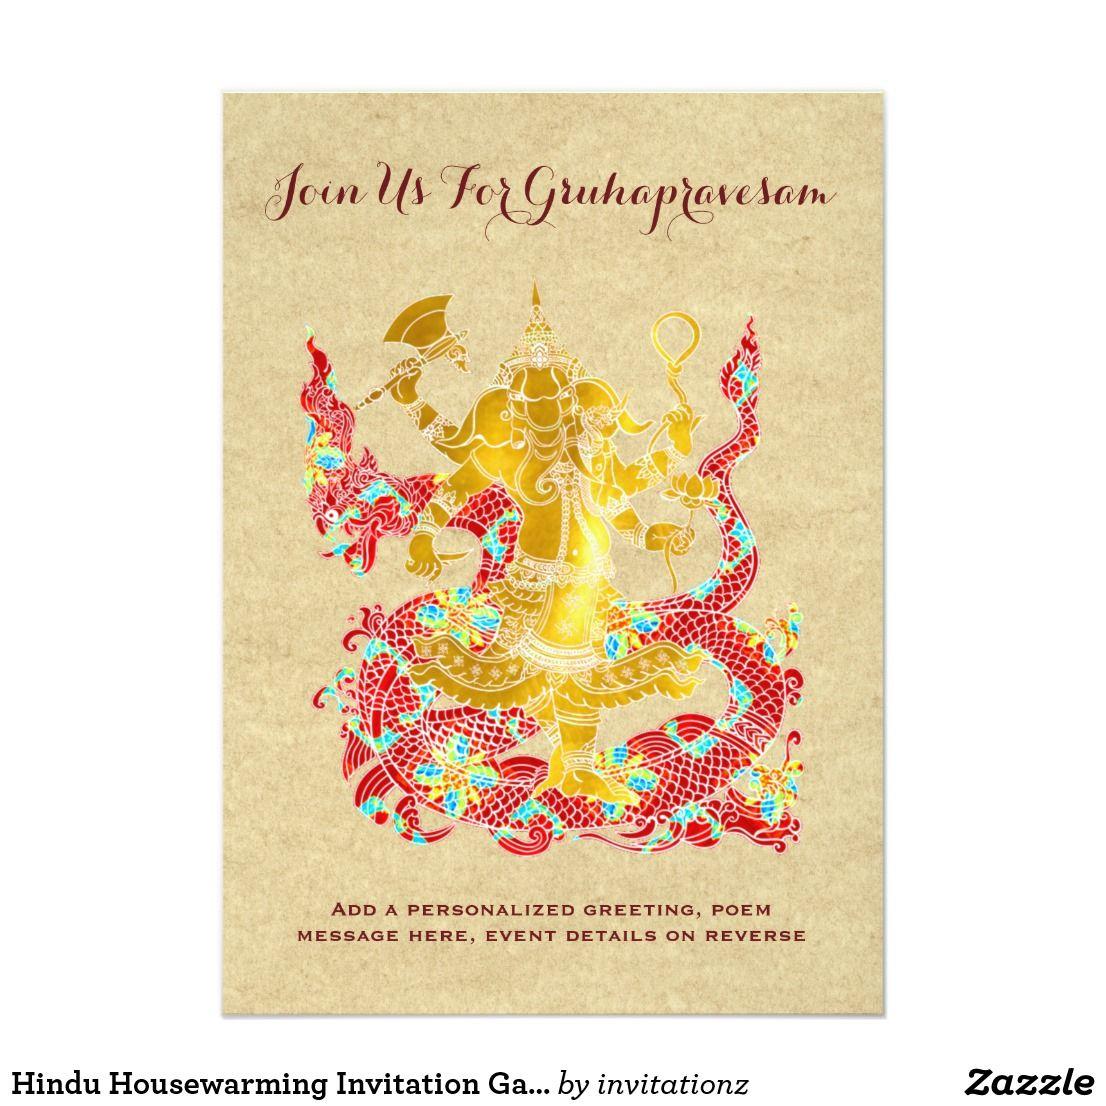 Hindu Housewarming Invitation Ganesh Gruhapravesam With Images